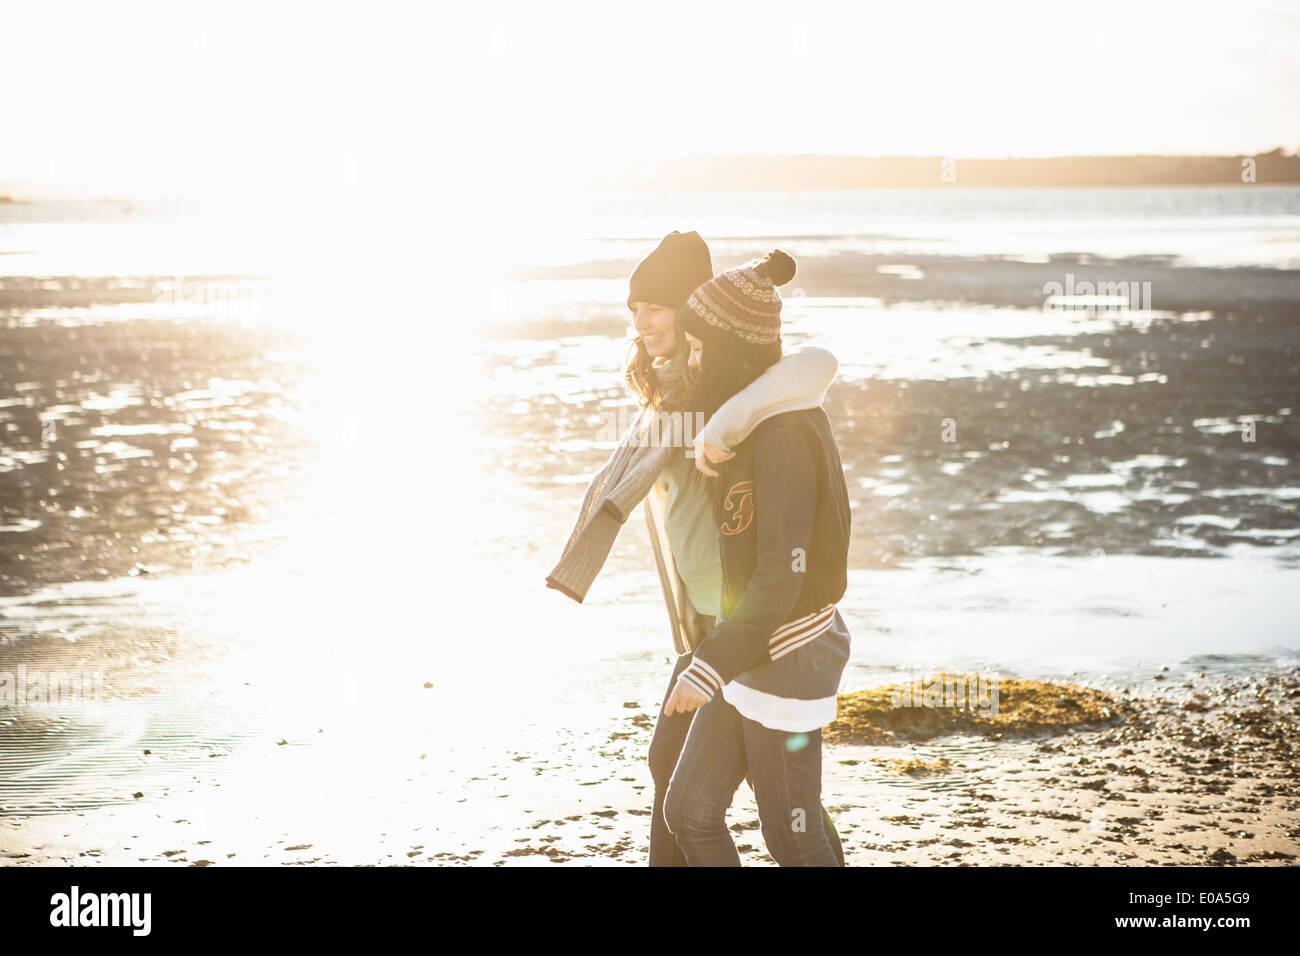 Dos hembras adultas jóvenes amigos paseando por la playa Imagen De Stock